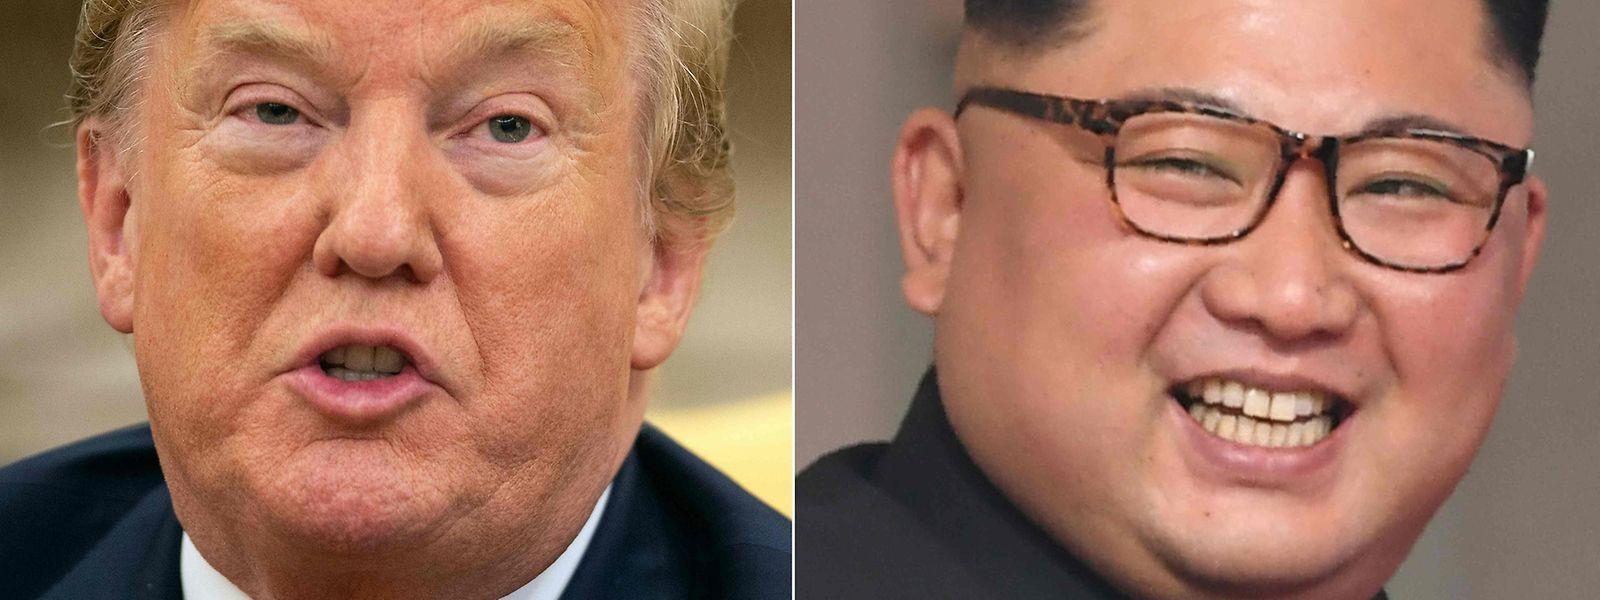 Zu Beginn der Amtszeit von Donald Trump stimmte die Chemie zwischen ihm und Kim Jong Un eher nicht.